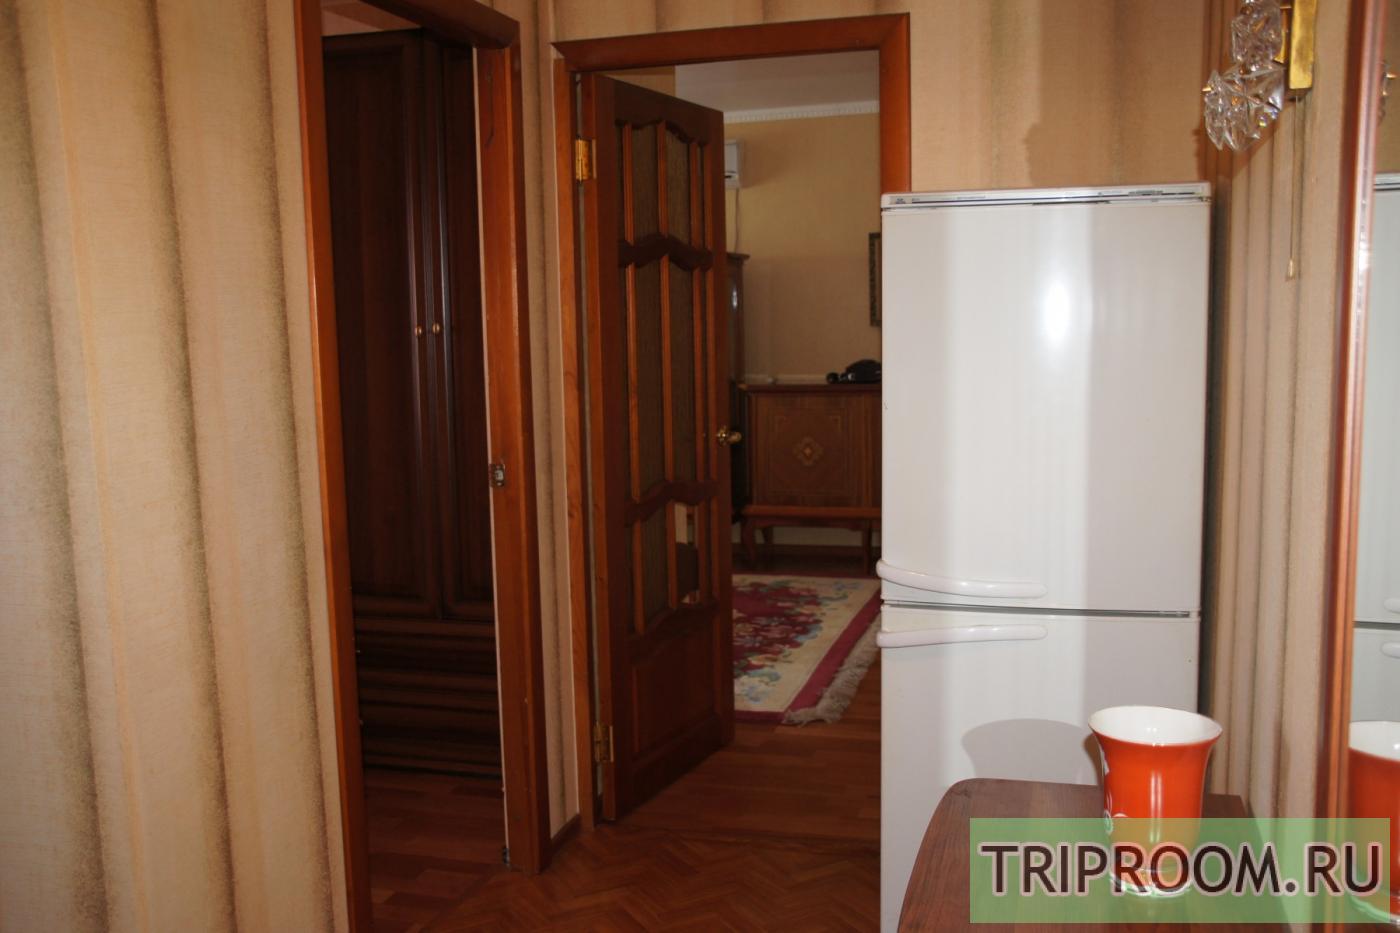 3-комнатная квартира посуточно (вариант № 18694), ул. Рокоссовского улица, фото № 5